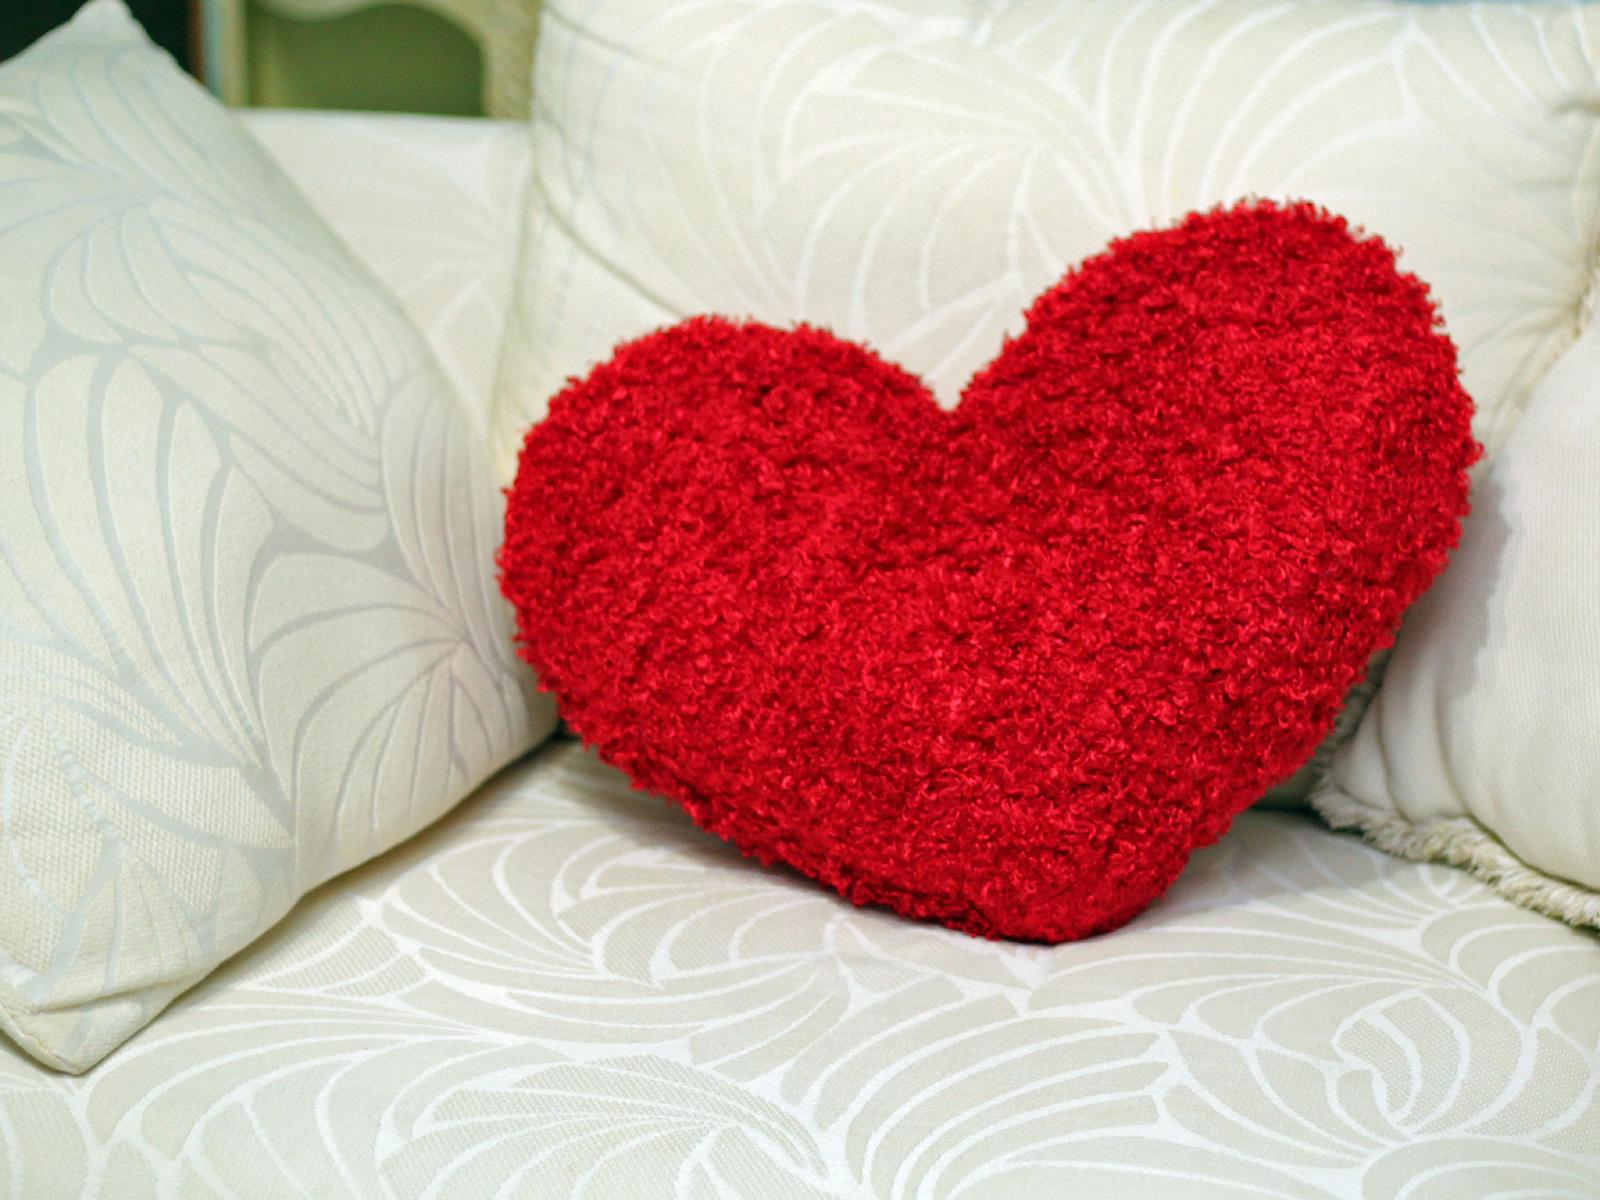 Подушка сердце: день святого валентина, мастер-класс, своими руками, день всех влюбленных